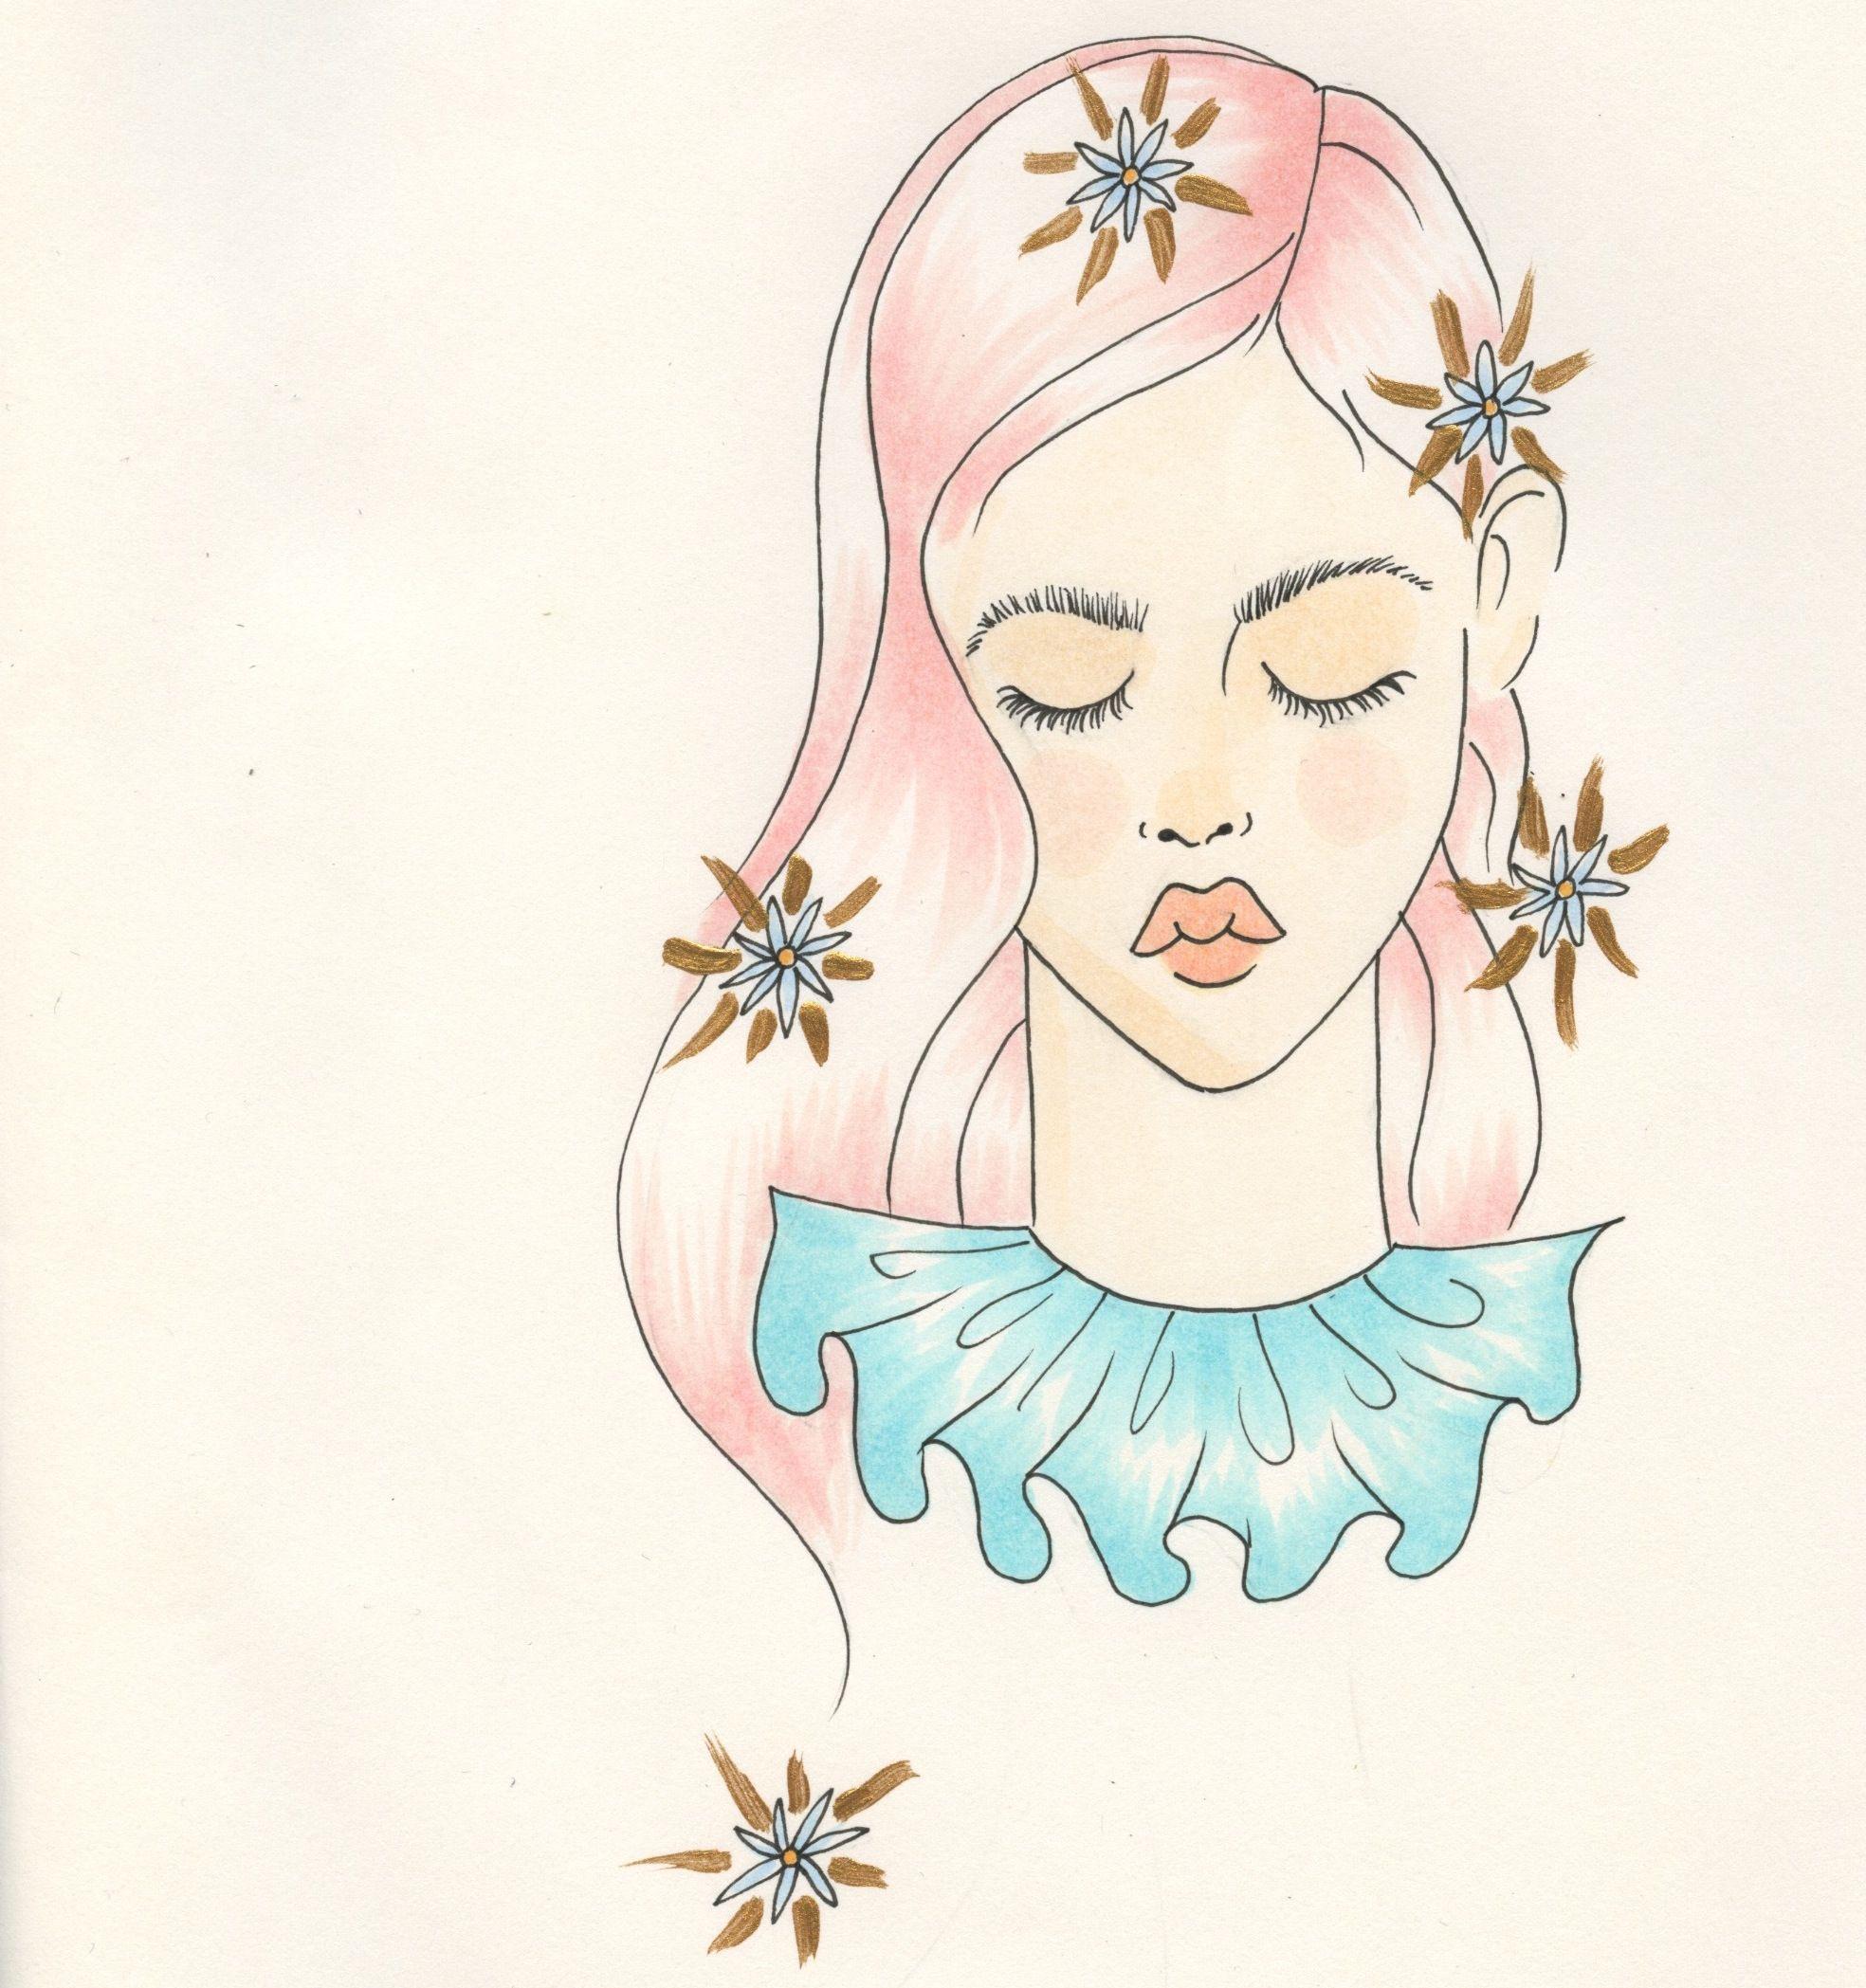 Illustration by Reema Motib December 2014